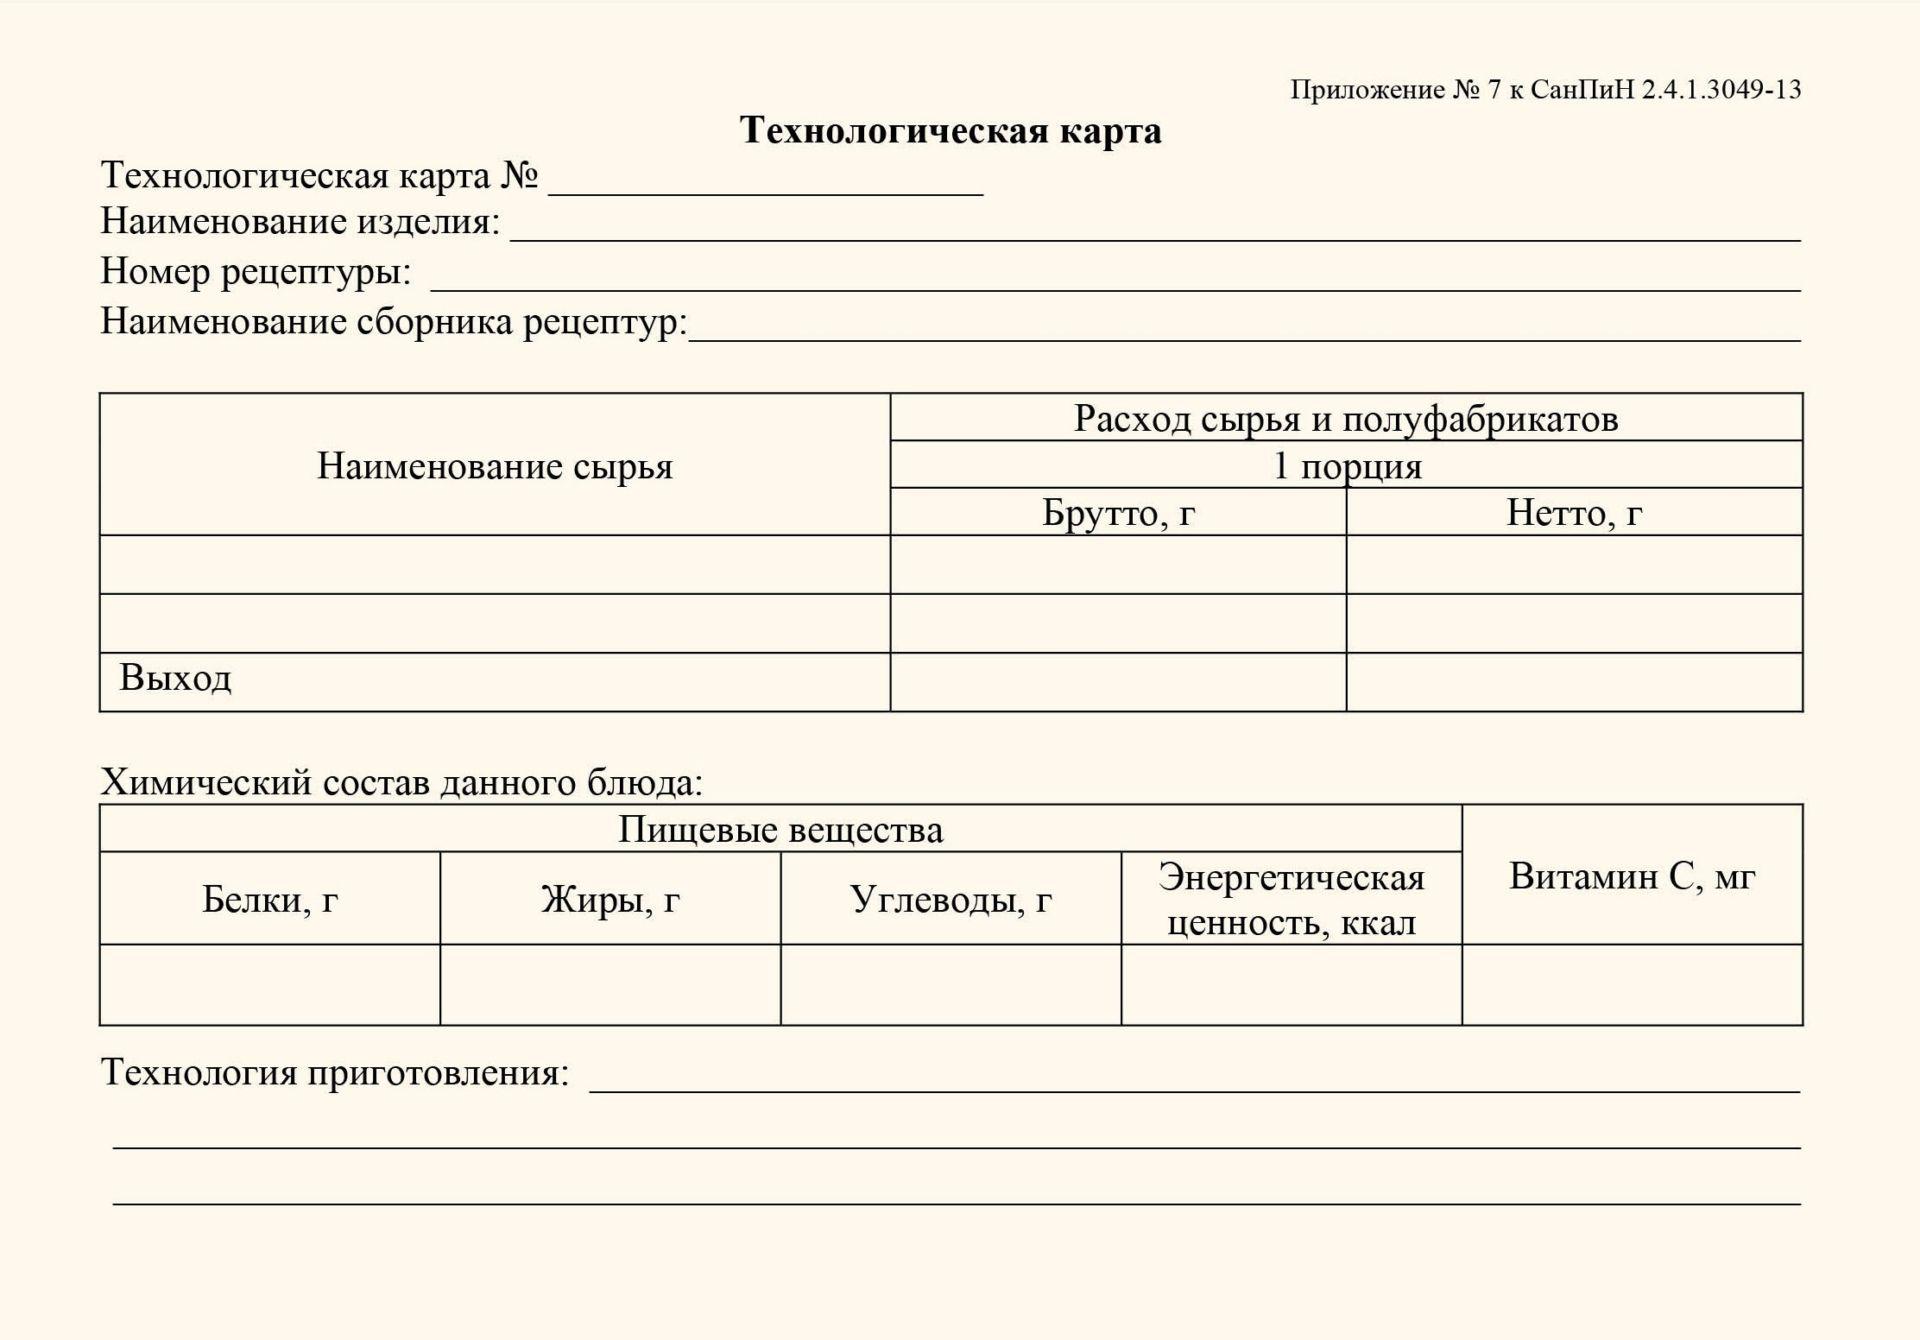 Технологическая карта (соответствует Приложению №7 СанПиН 2.4.1.3049-13): (упаковка 100 шт.)